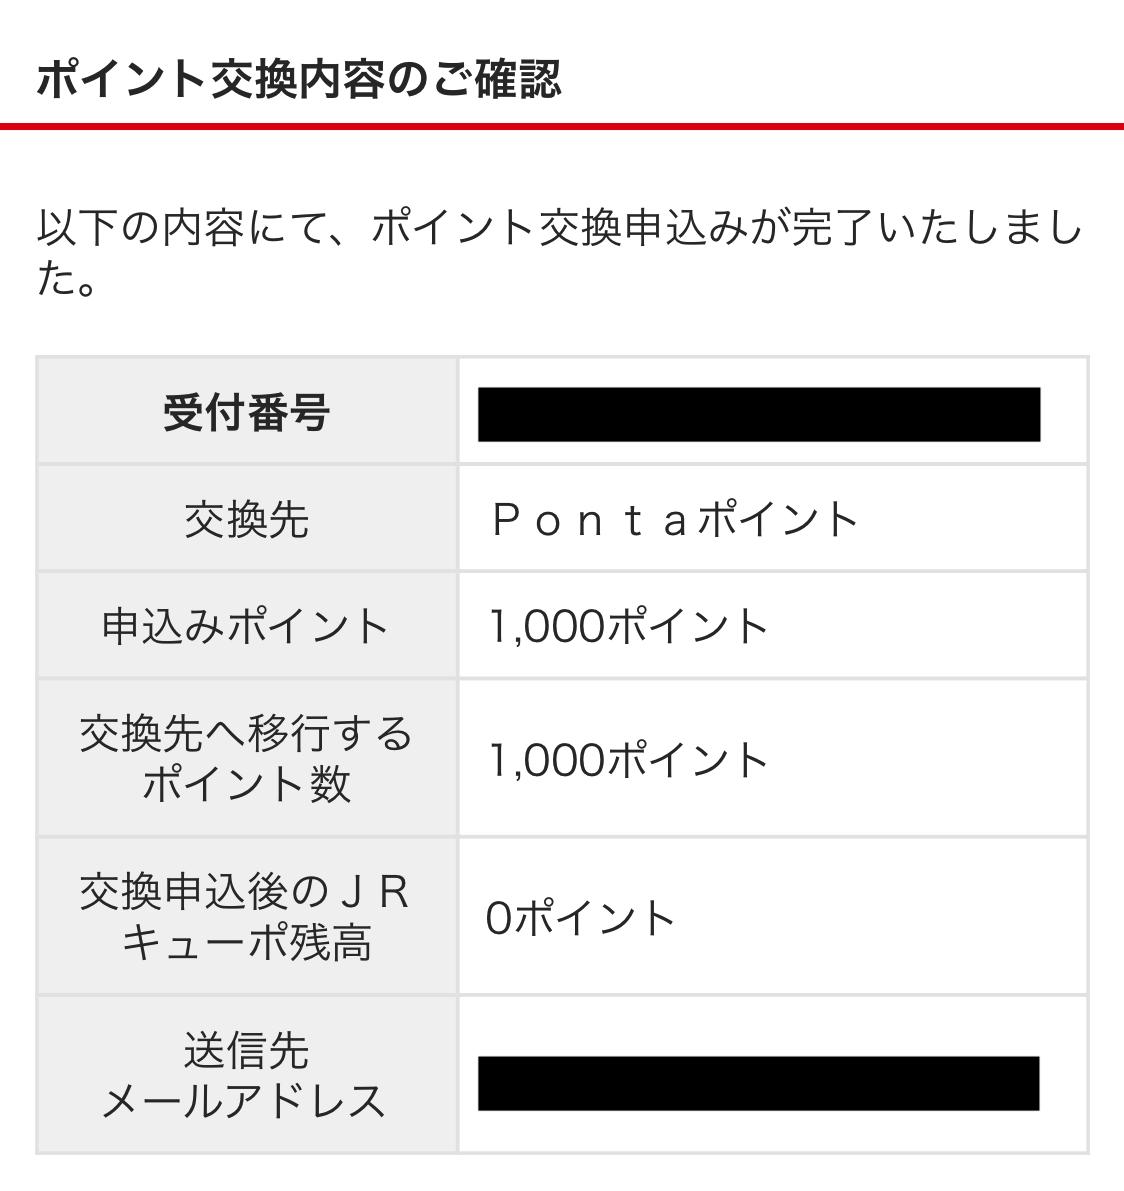 JRキューポポイントをPontaポイントに交換する手順~申請完了確認画面